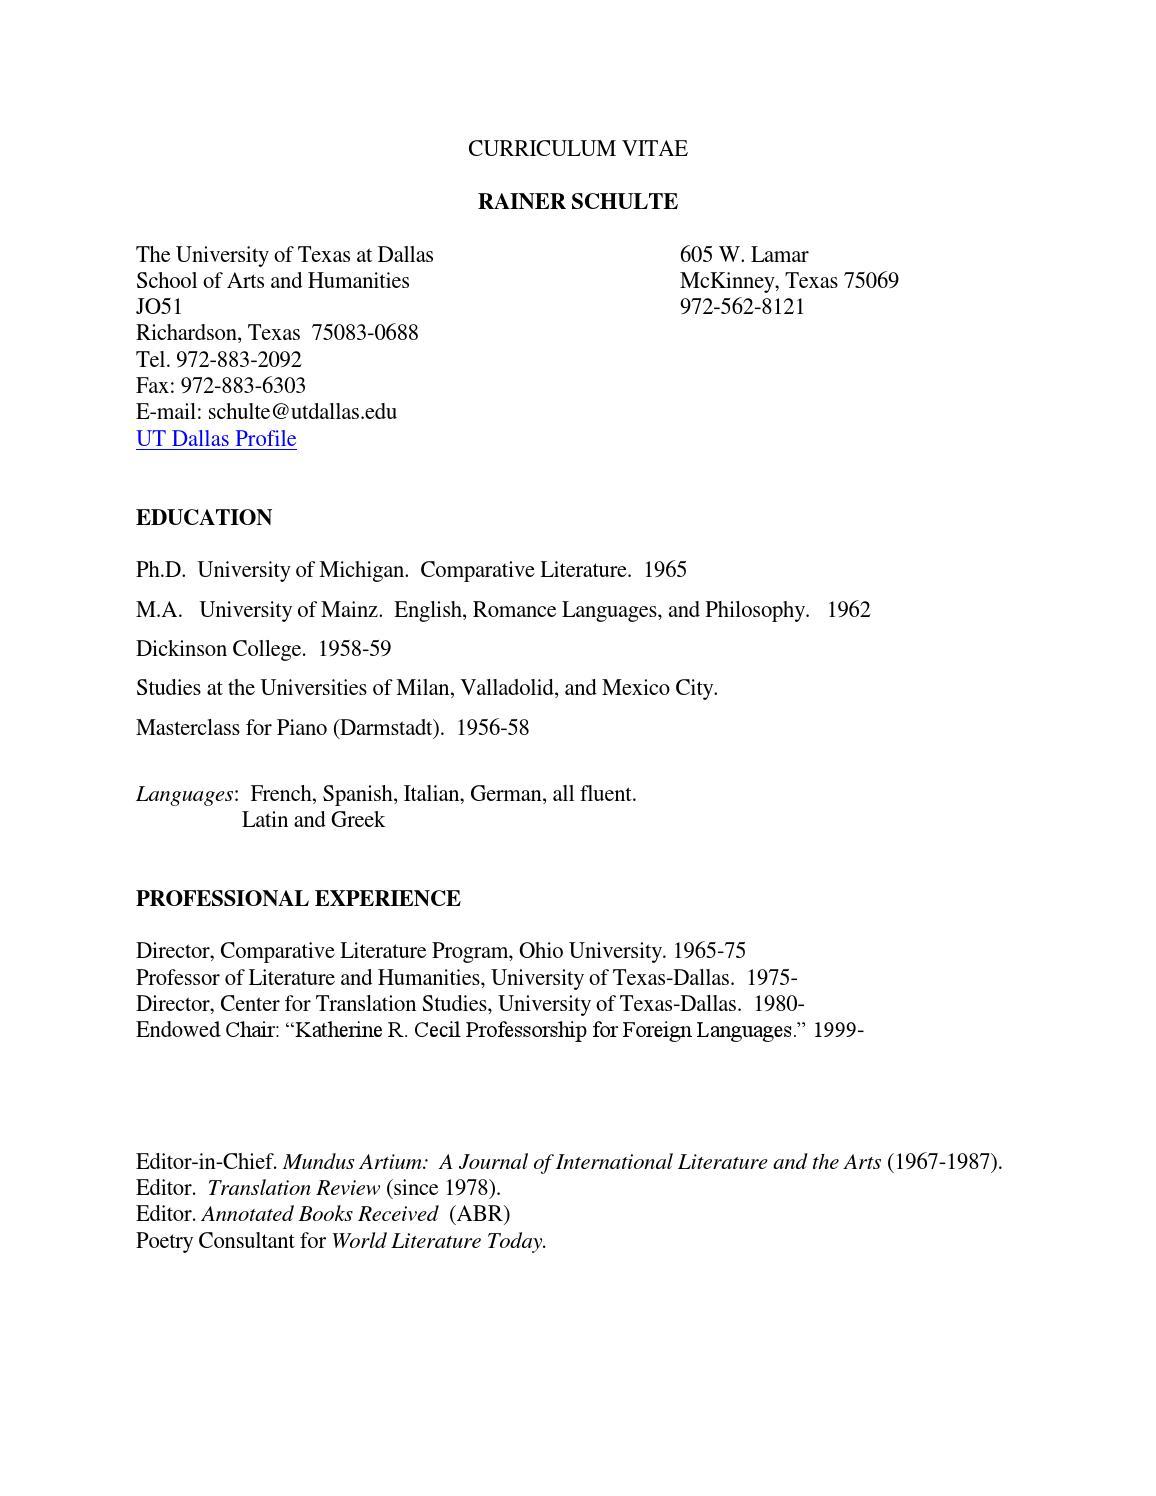 rainer schulte curriculum vitae by rschulte1937 issuu